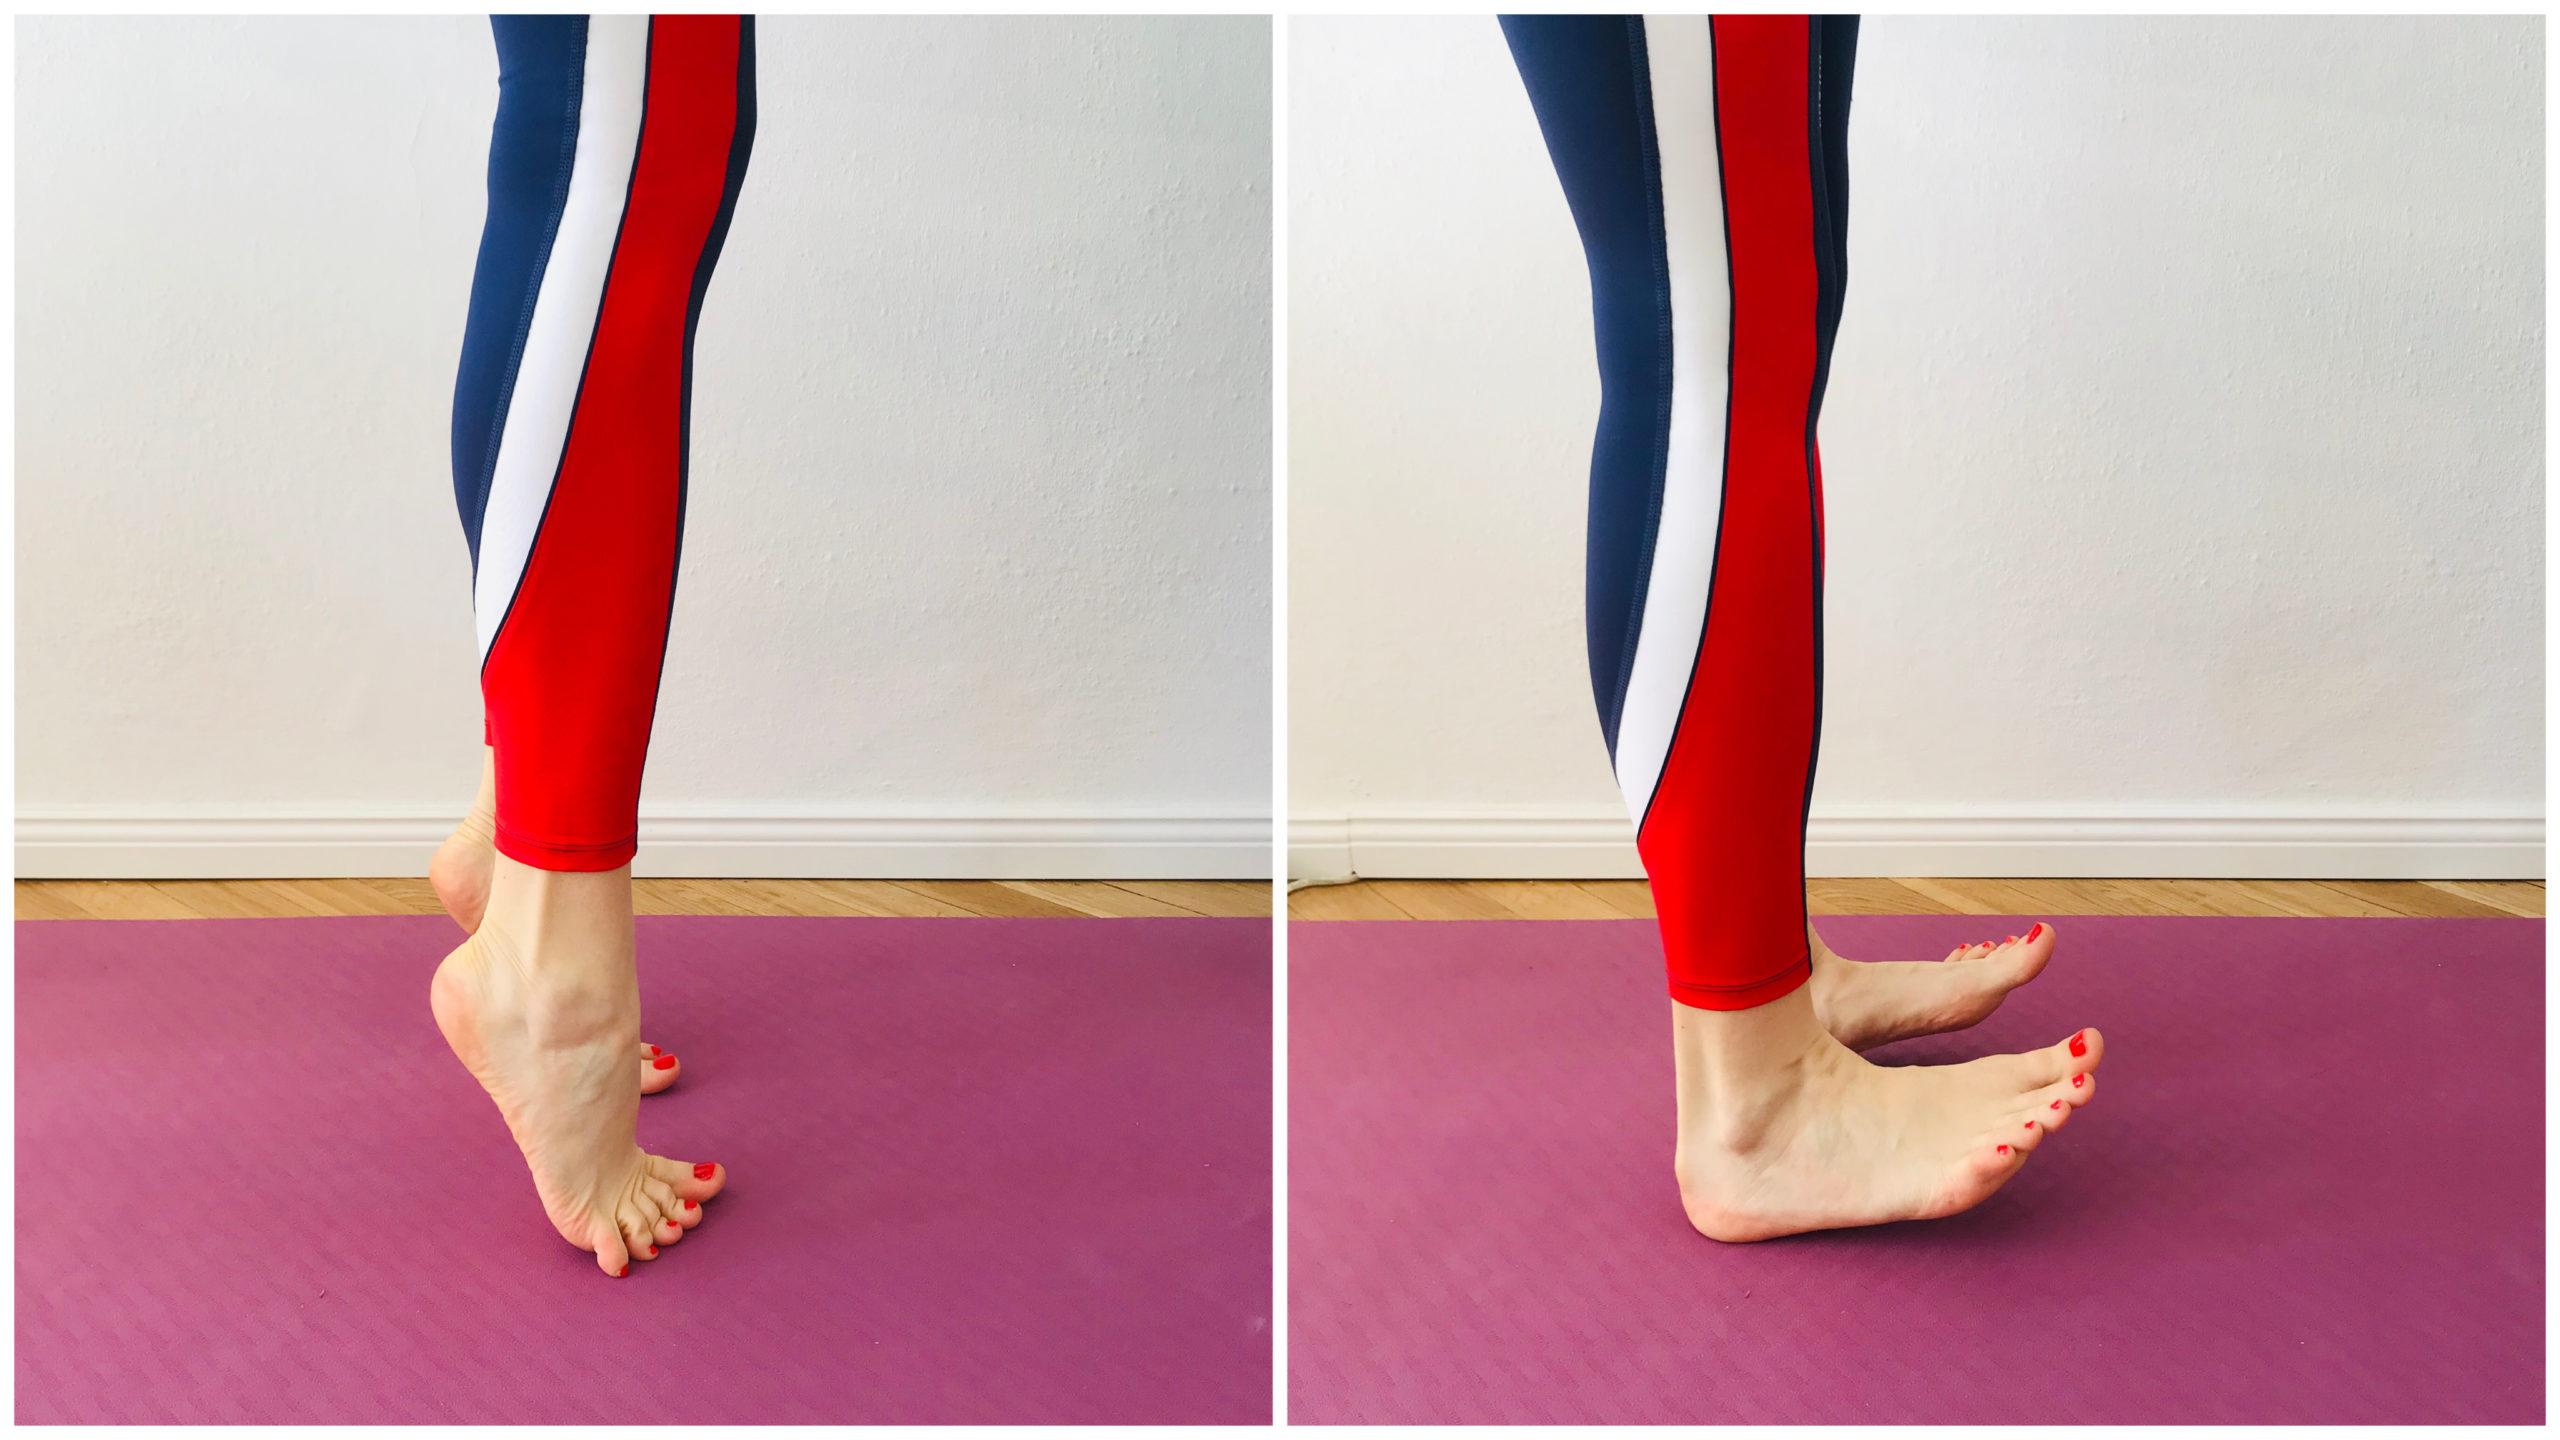 Wzmocnij i uelastycznij STOPY - proste ćwiczenia, które możesz wykonać w  domu! - Biegowe.pl - wszystko o bieganiu